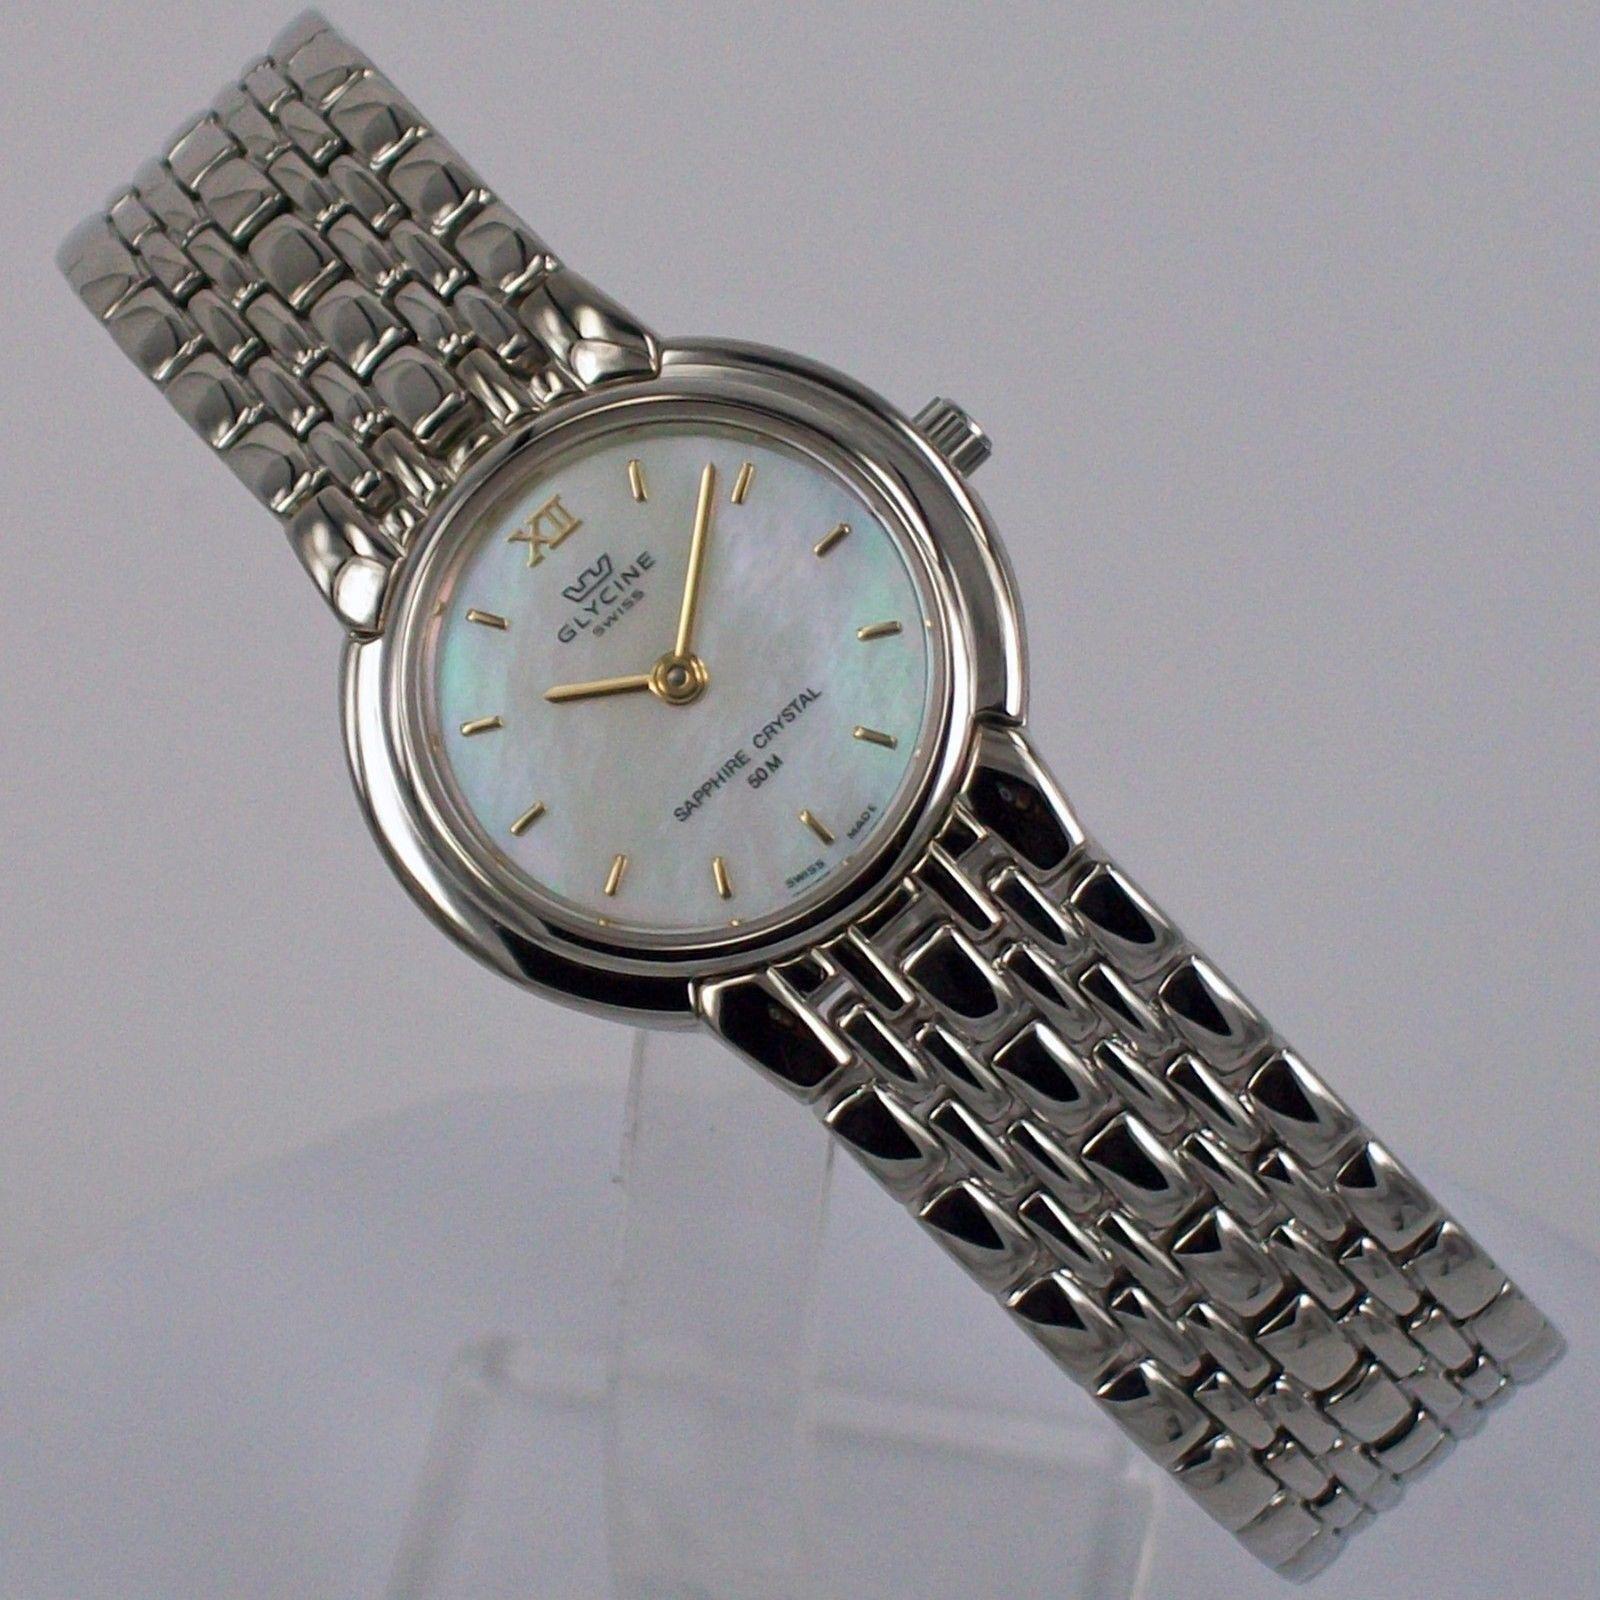 Elegante Glycine Reloj de Mujer Reloj de Cuarzo 3676.26NRP